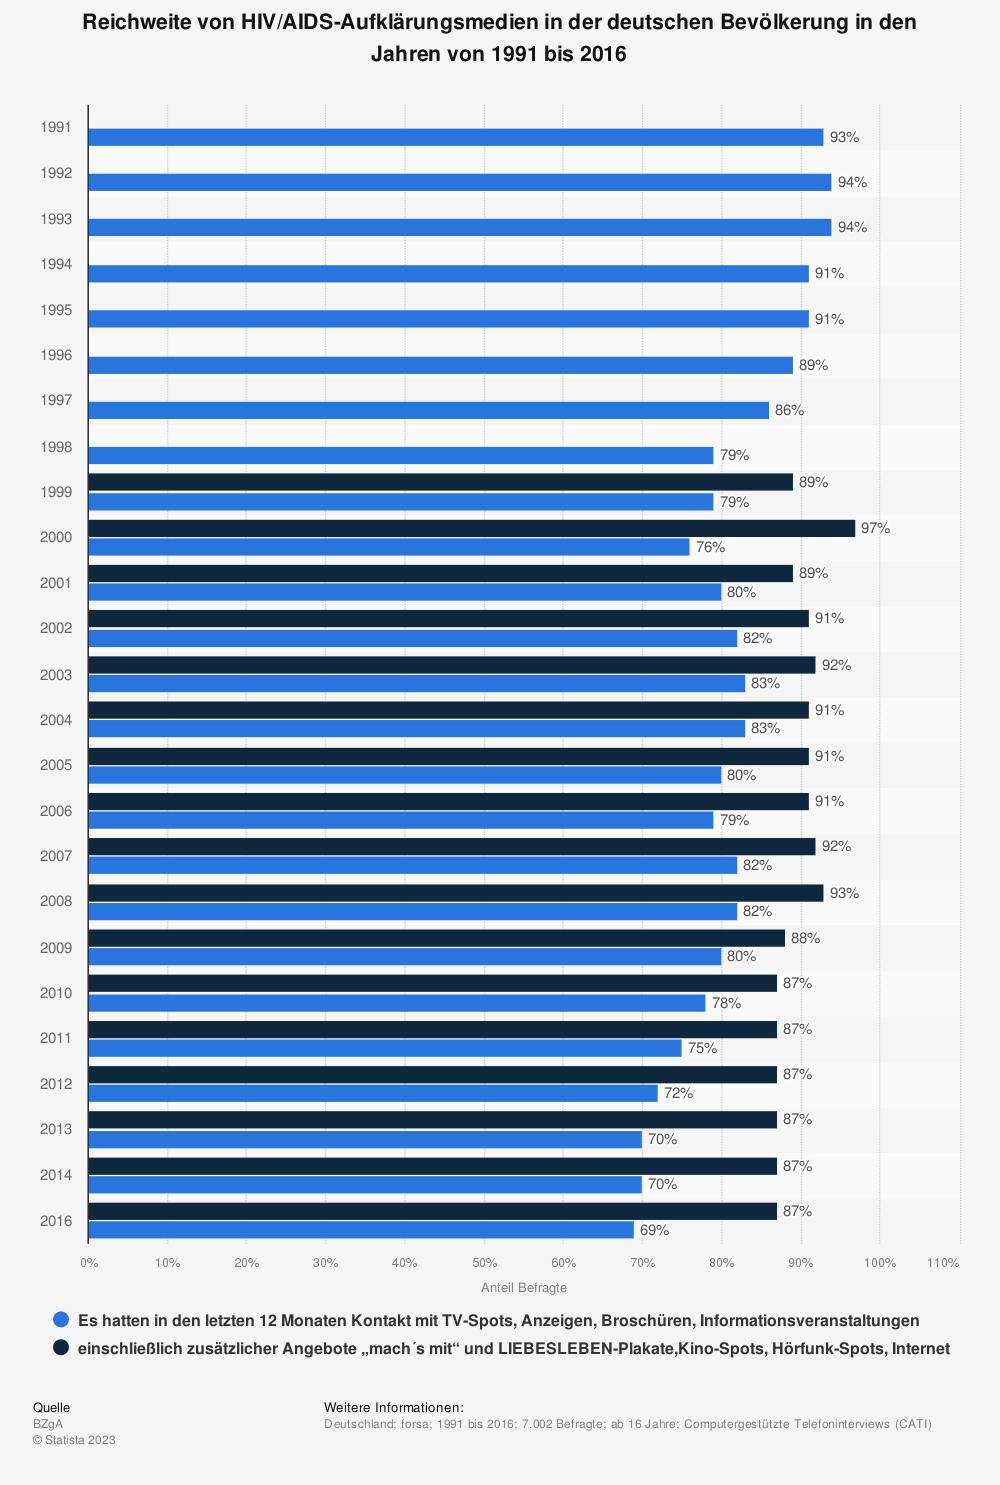 Statistik: Reichweite von HIV/AIDS-Aufklärungsmedien in der deutschen Bevölkerung in den Jahren von 1991 bis 2016 | Statista